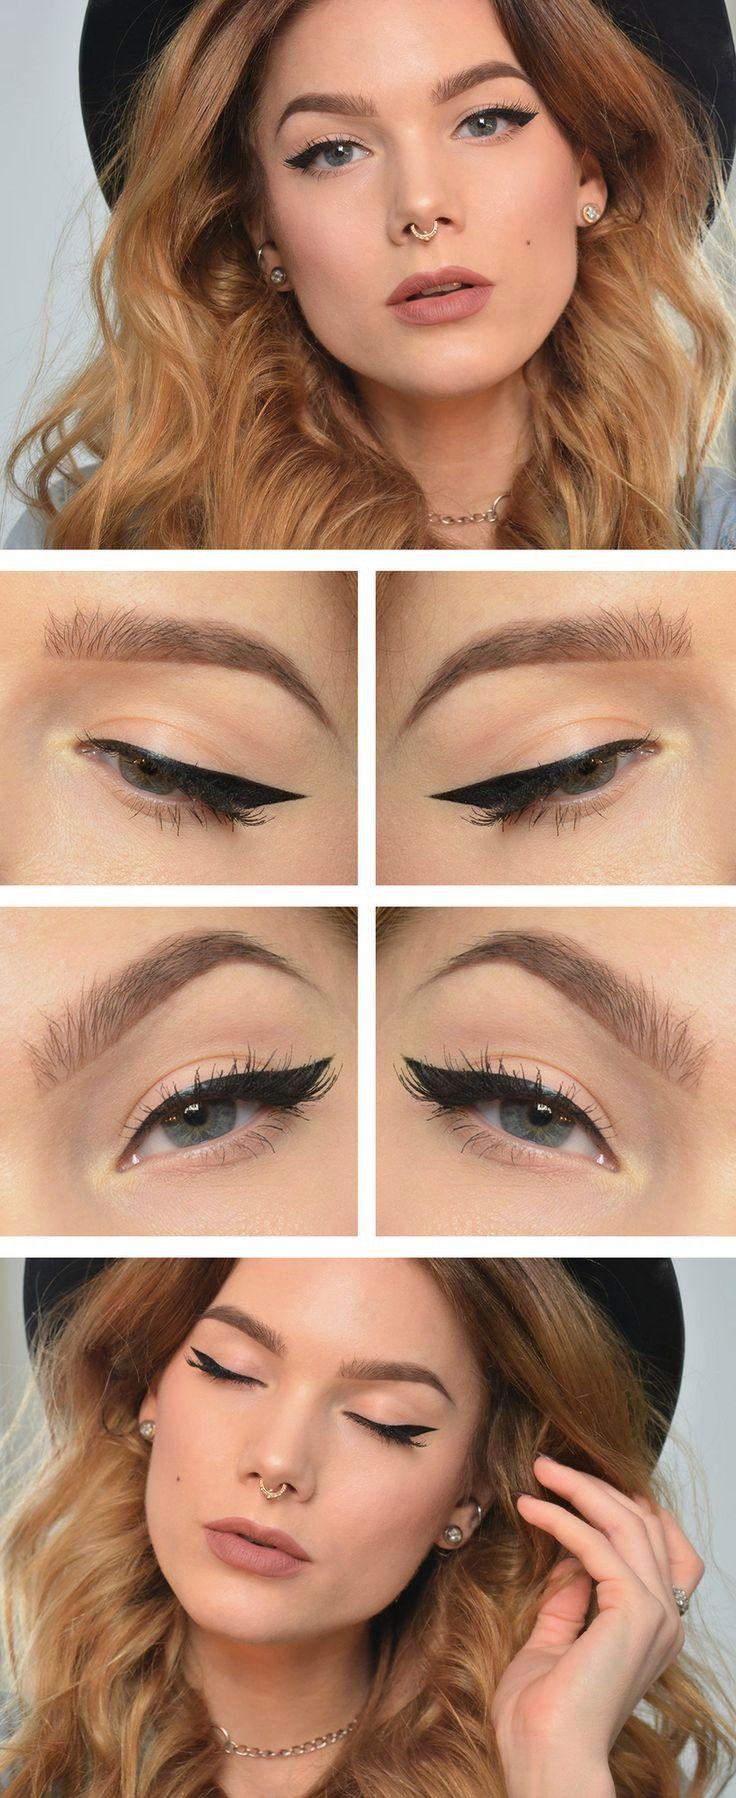 loose waves, cat eye, full light lips #makeup #eyeliner